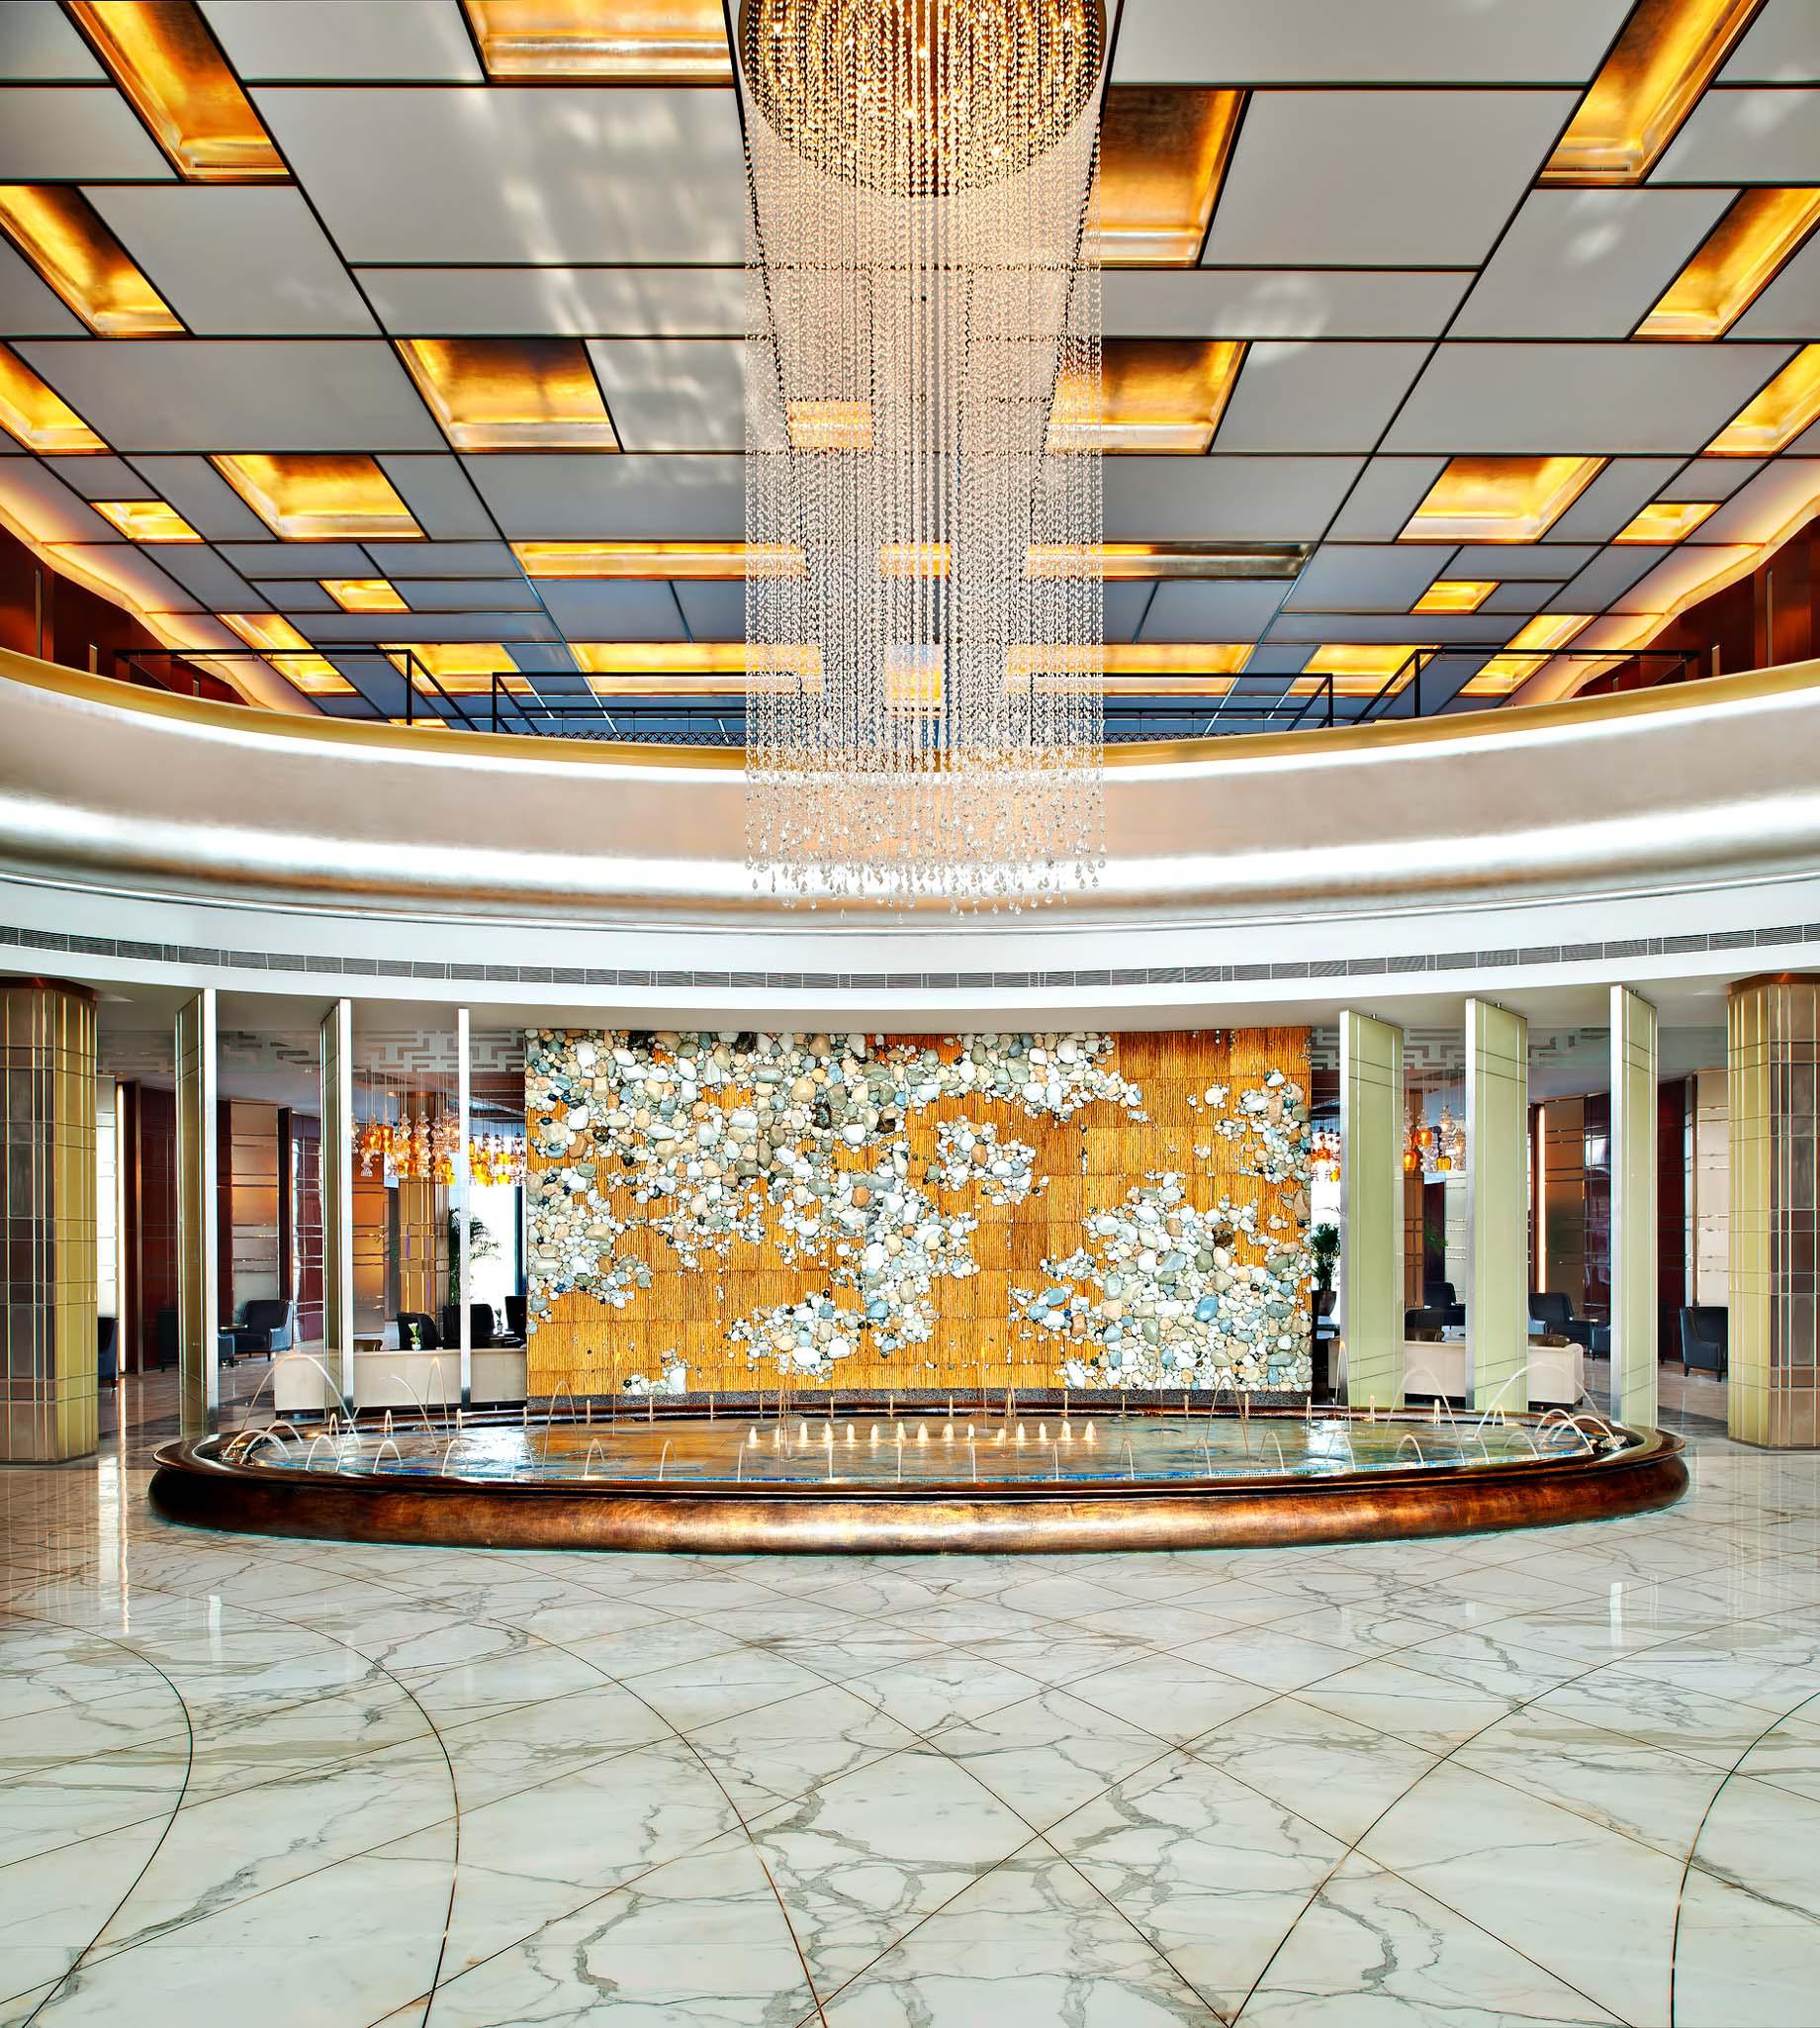 The St. Regis Tianjin Luxury Hotel – Tianjin, China – Entrance Fountain